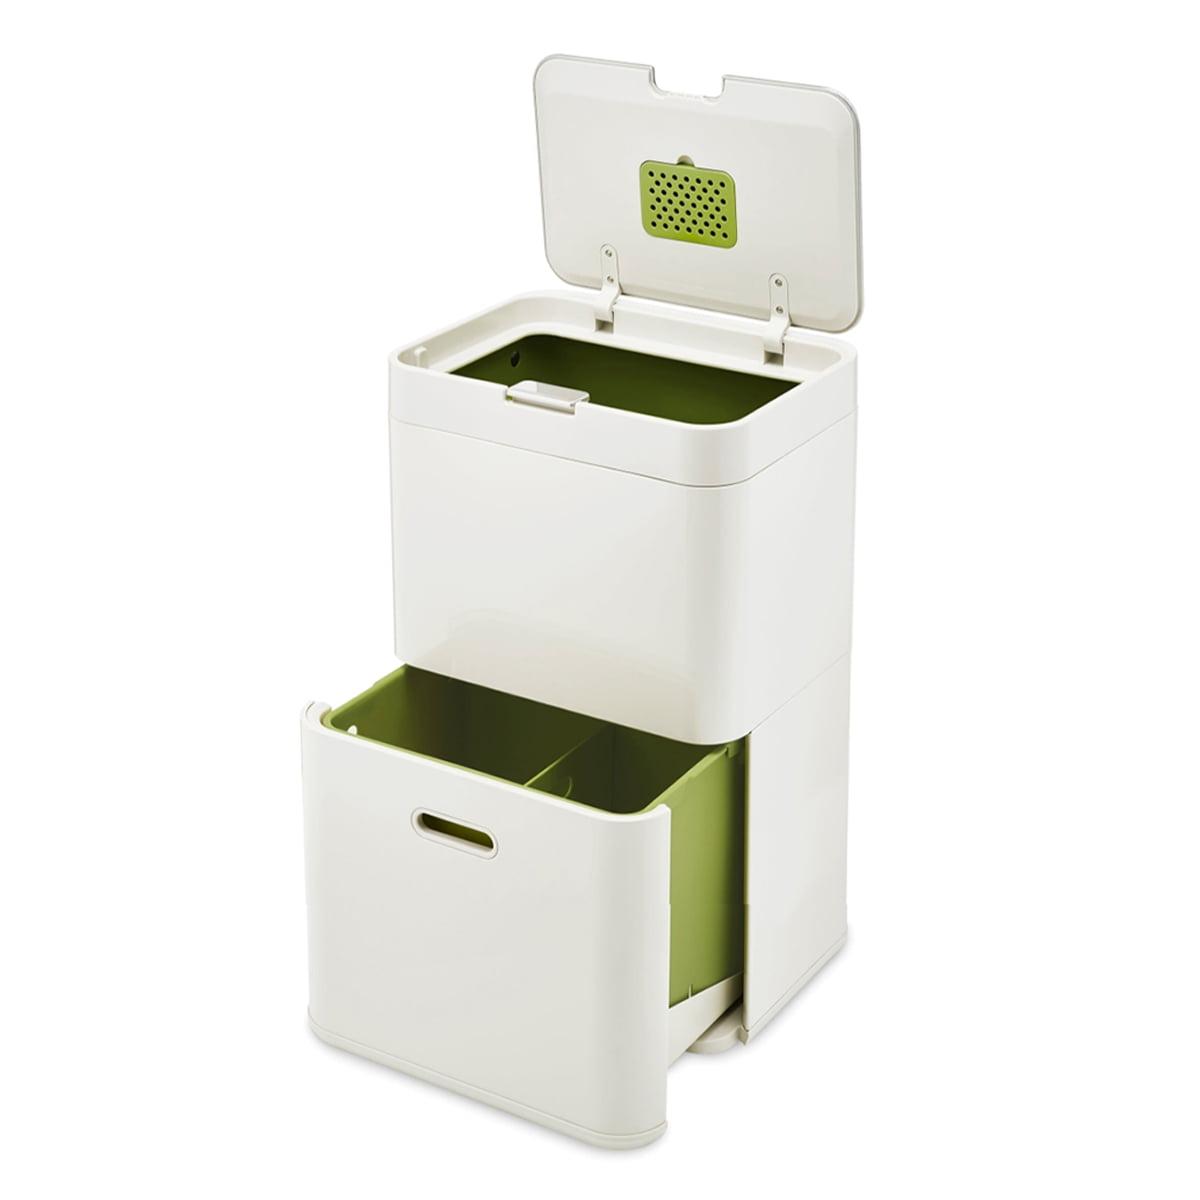 pulverbeschichtet Mülleimer online kaufen | Möbel-Suchmaschine ...